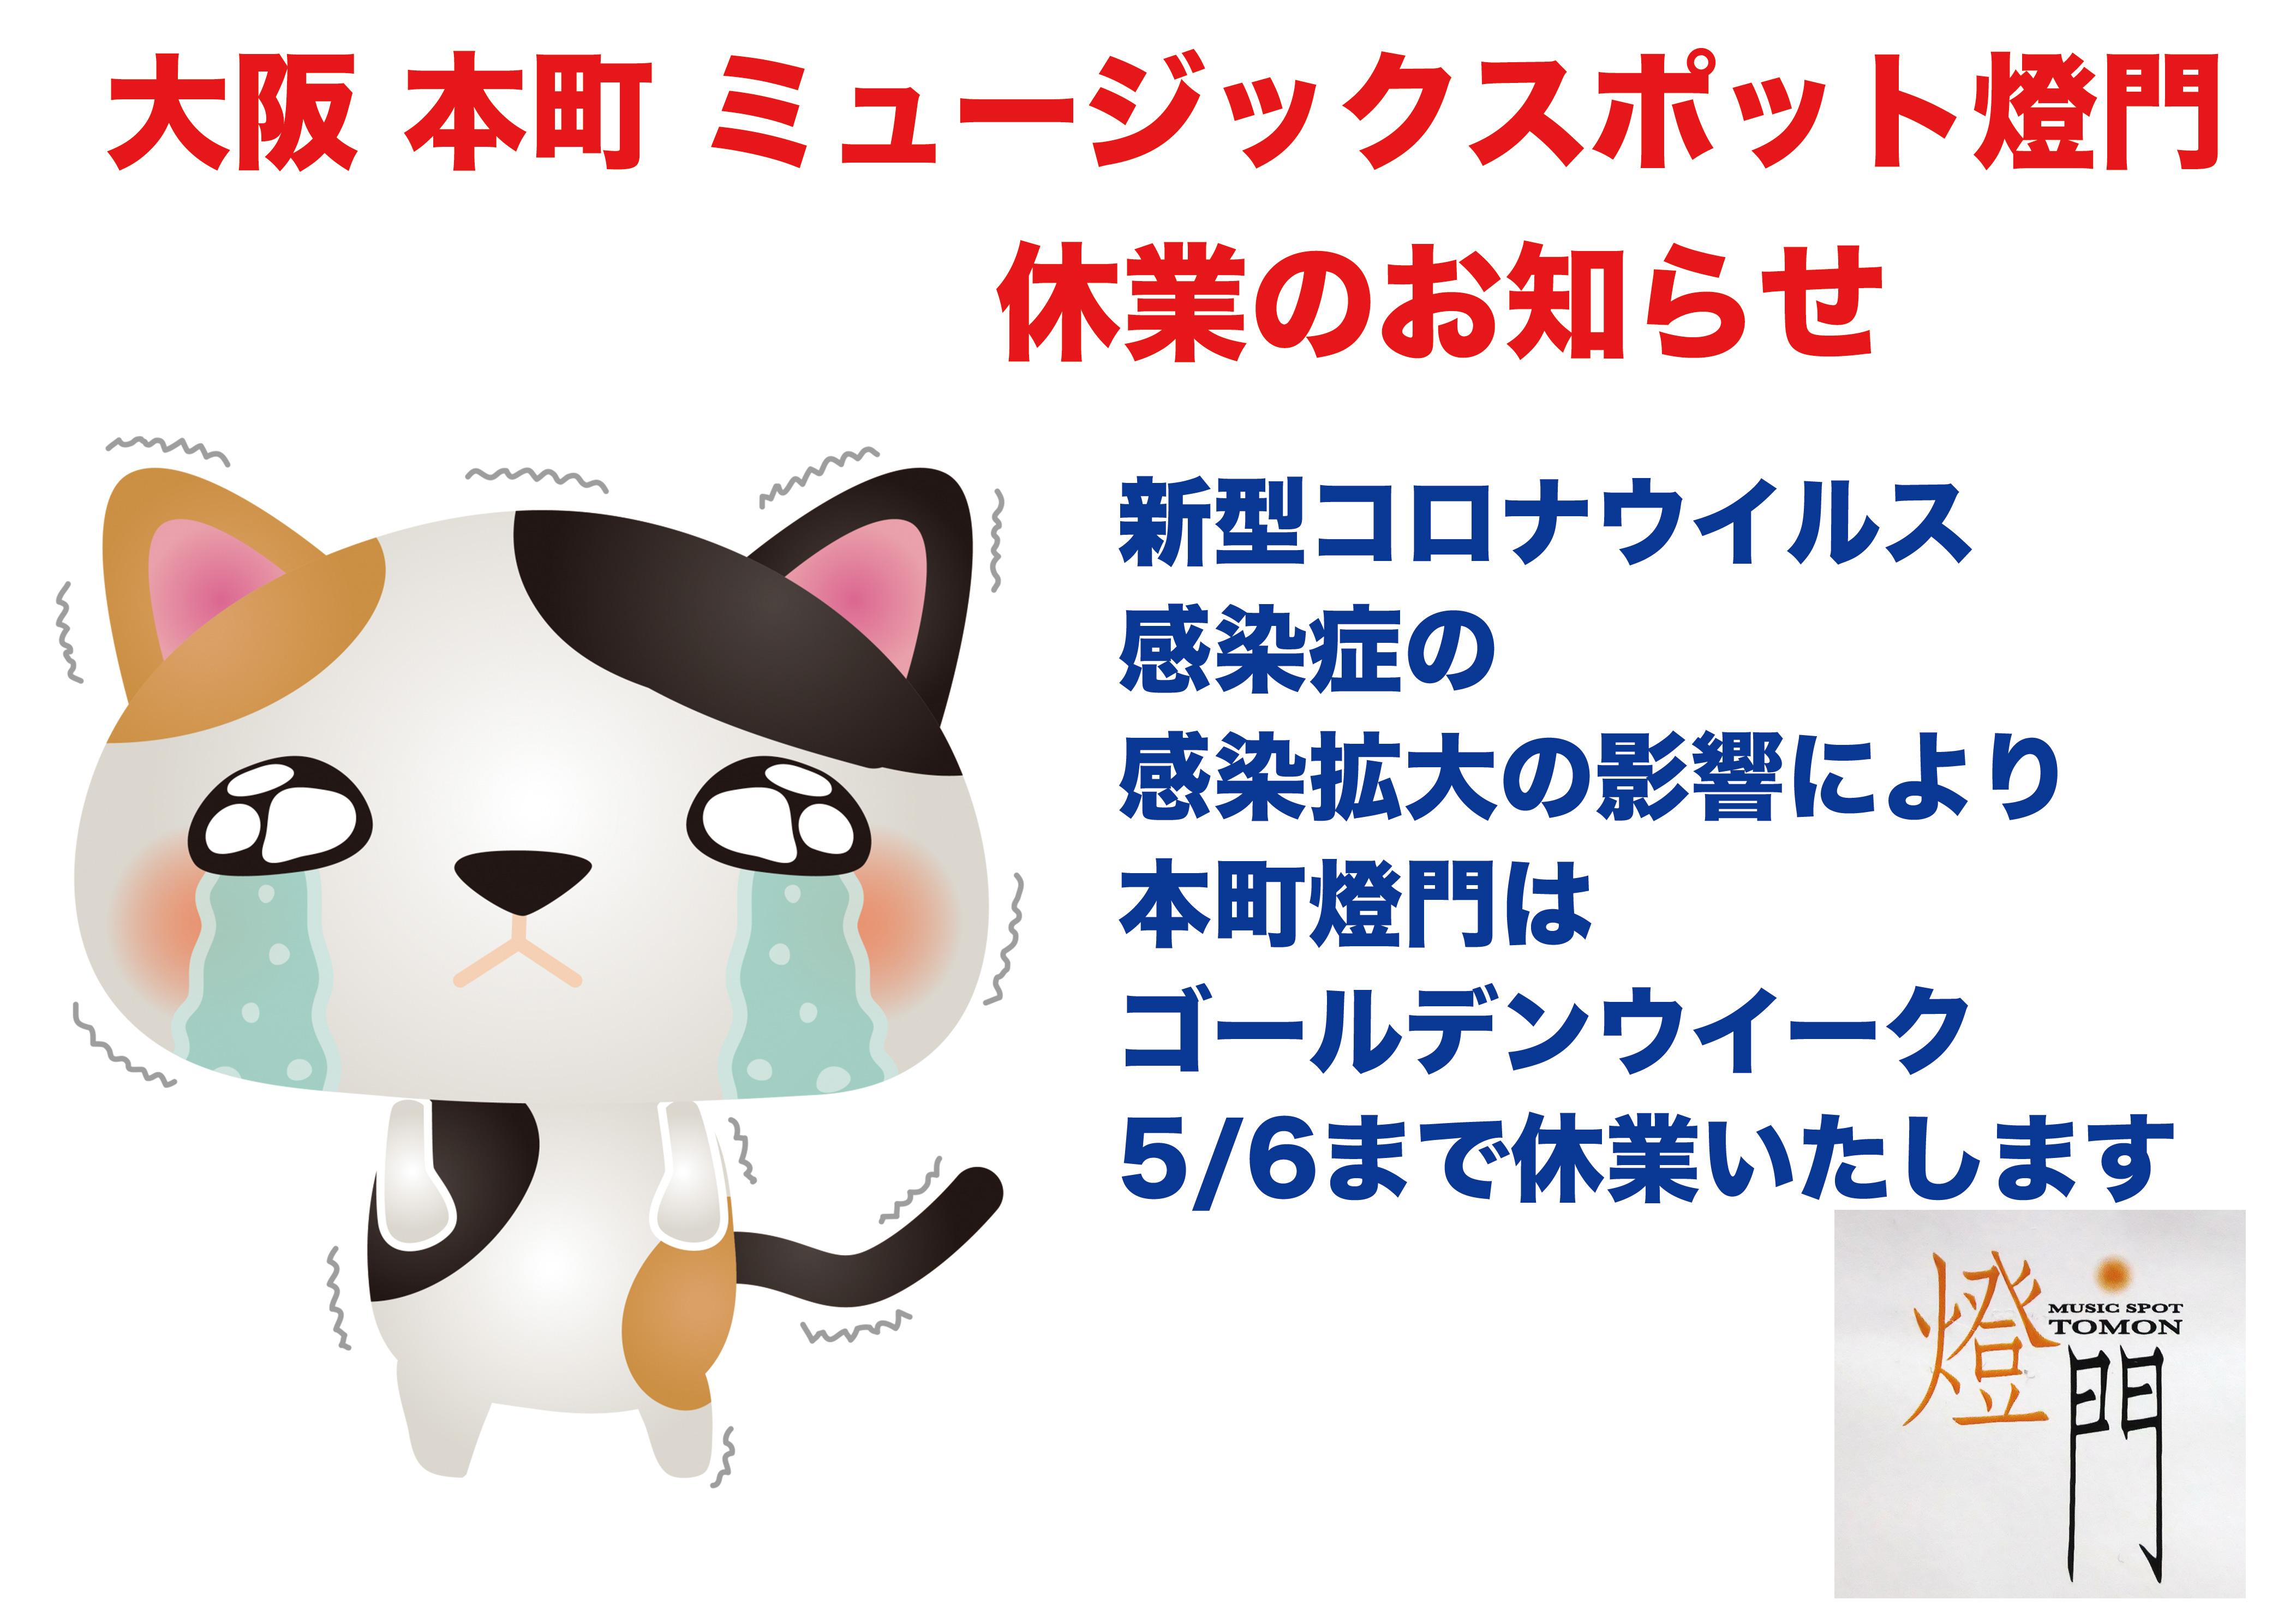 大阪 本町 ミュージックスポット燈門 休業のお知らせ(5/6まで)